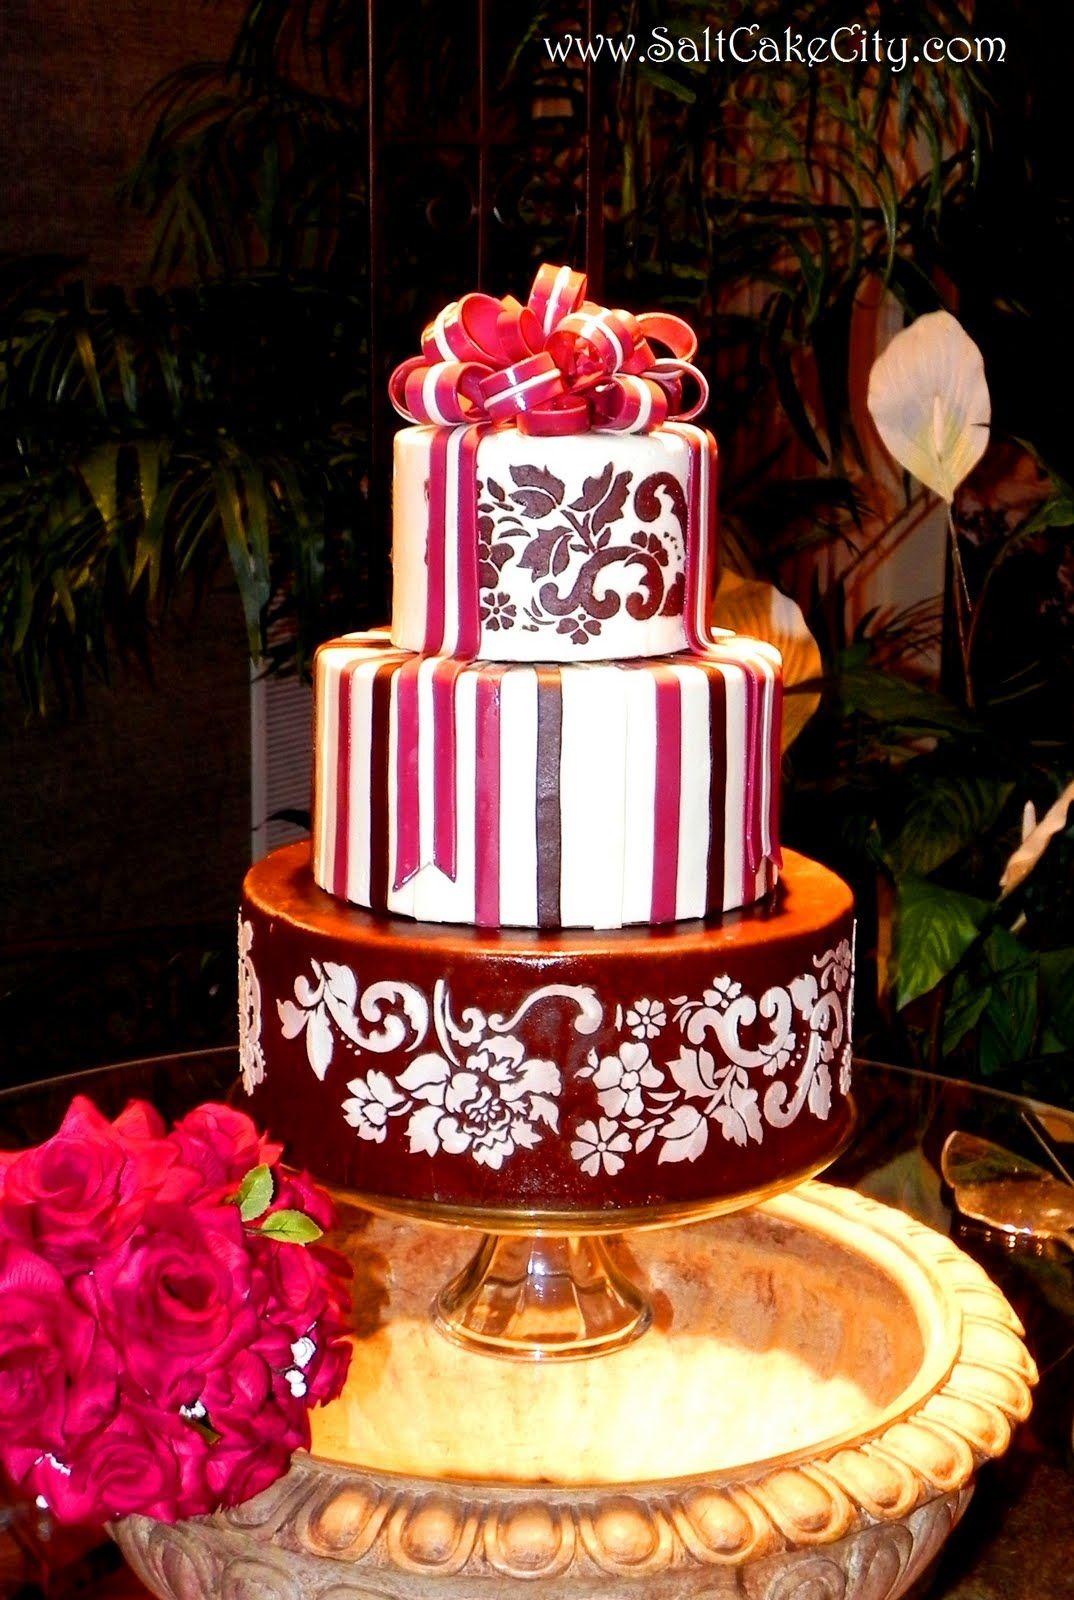 Vintage looking burgundy and brown wedding cake cakes pinterest